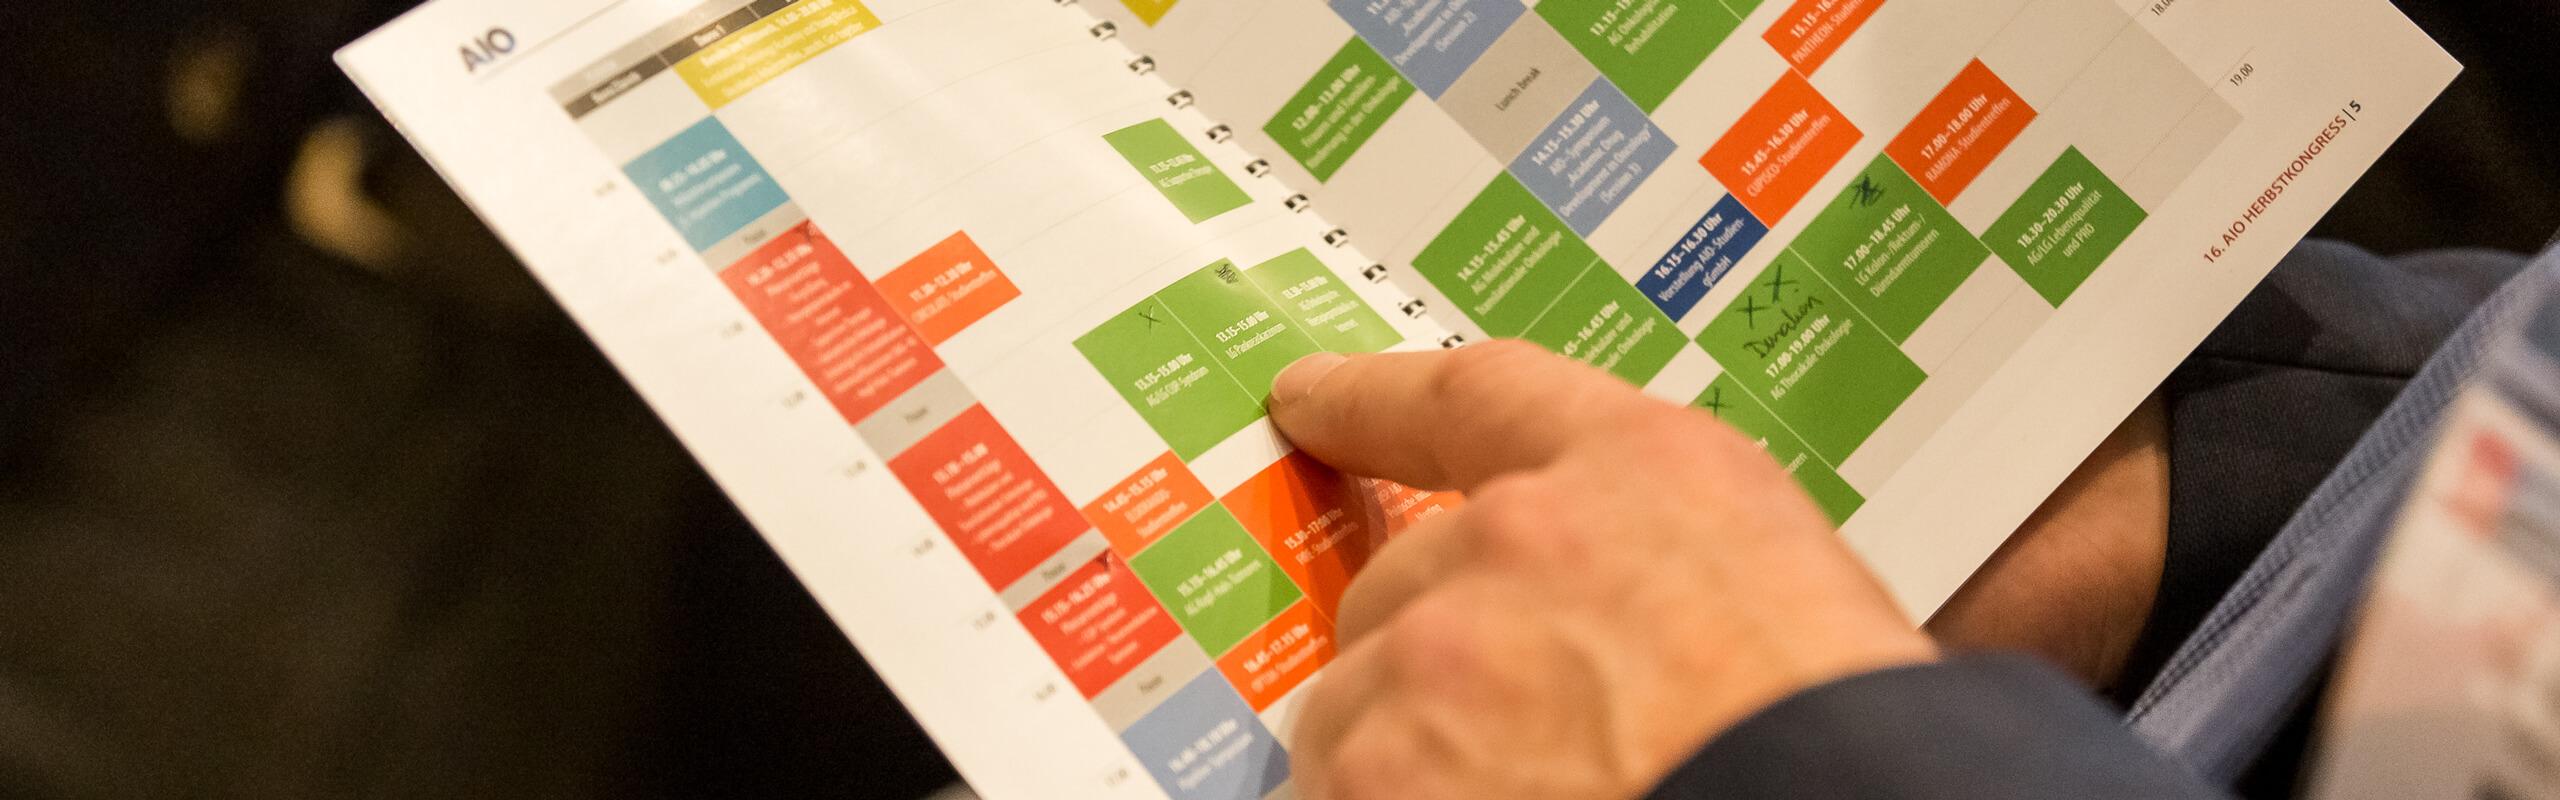 Interdisziplinärer Austausch beim AIO Herbstkongress